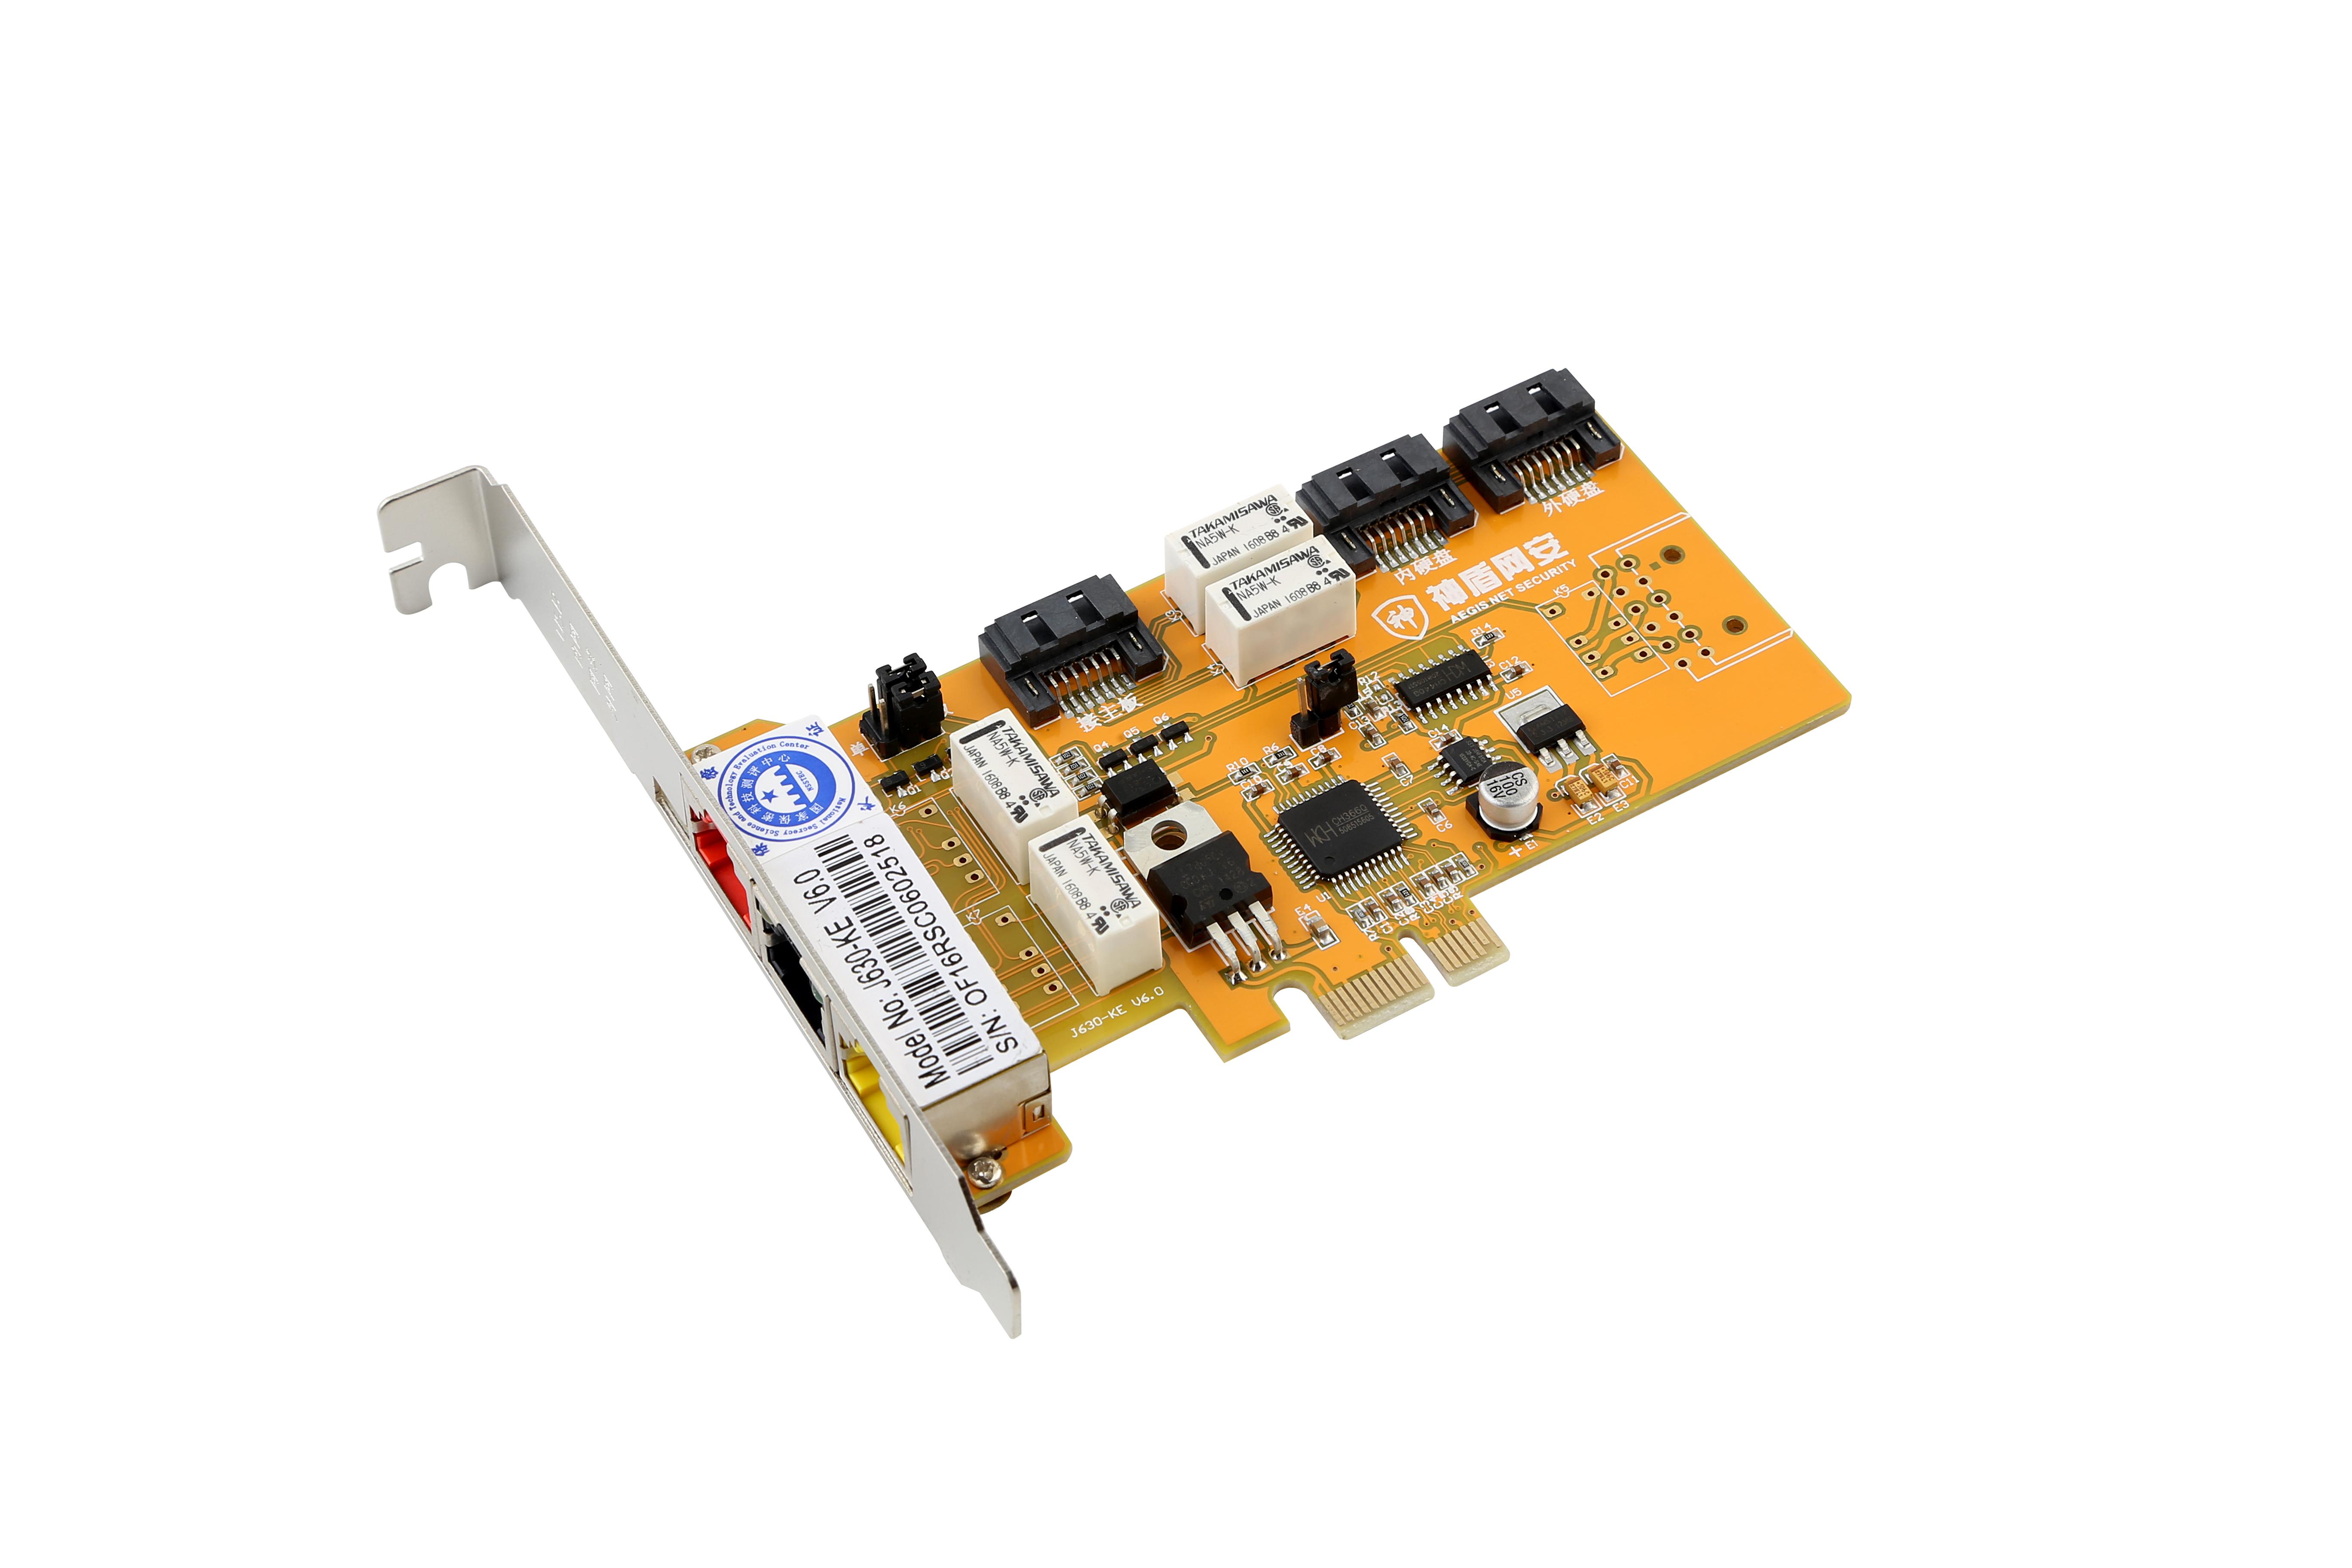 供应双布线的PCI-E隔离卡厂家直销 硬盘PCI-E插槽数据隔离卡